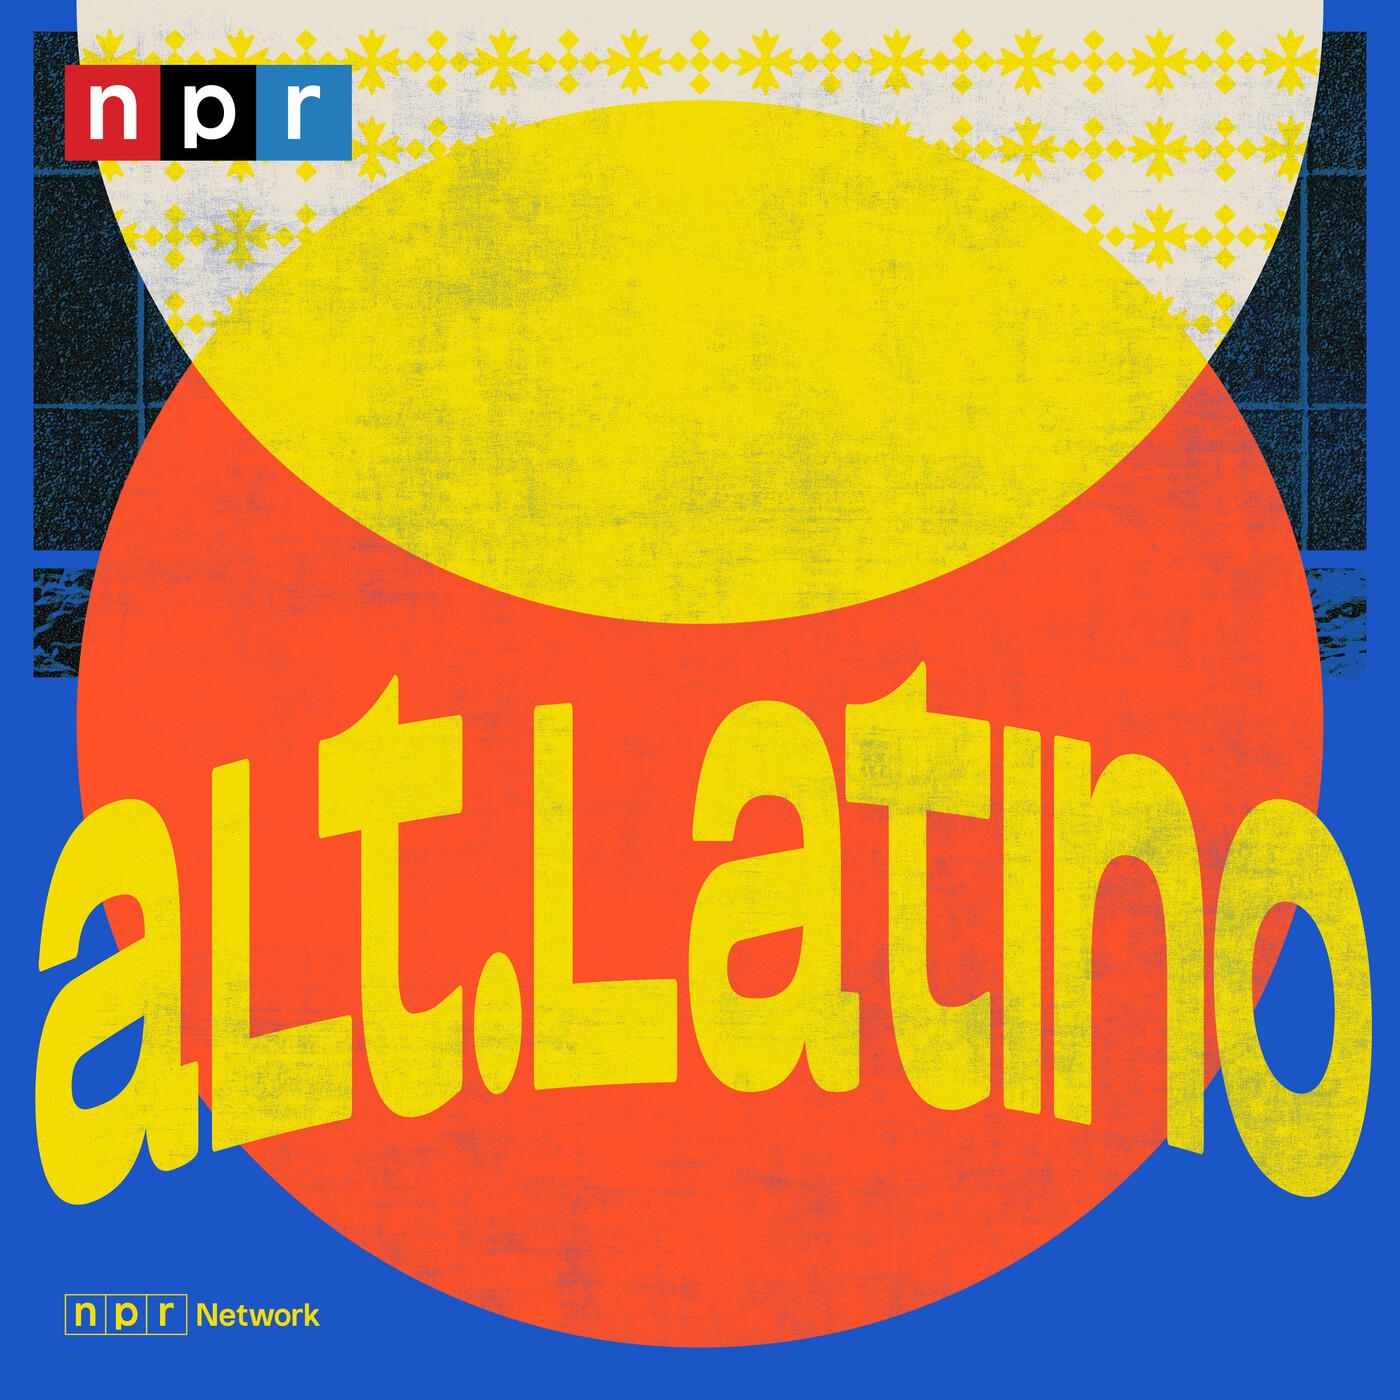 NPR: Alt.Latino